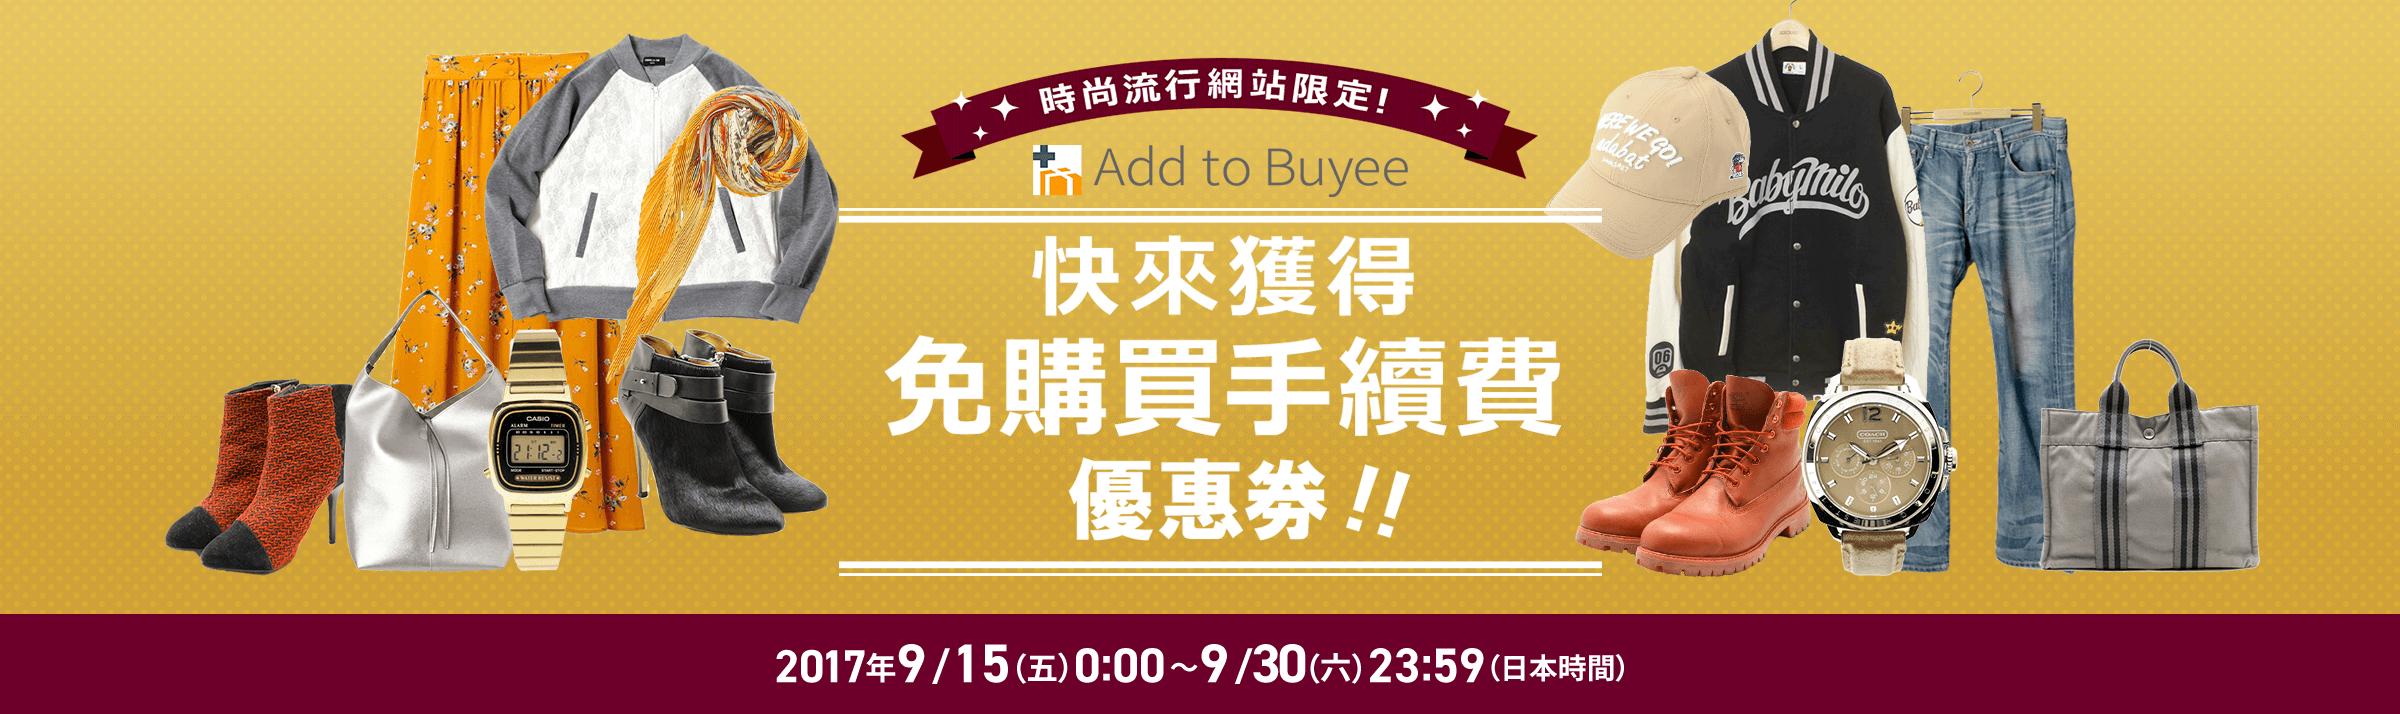 時尚流行網站限定特別優惠!快來獲得免代購手續費優惠券!!